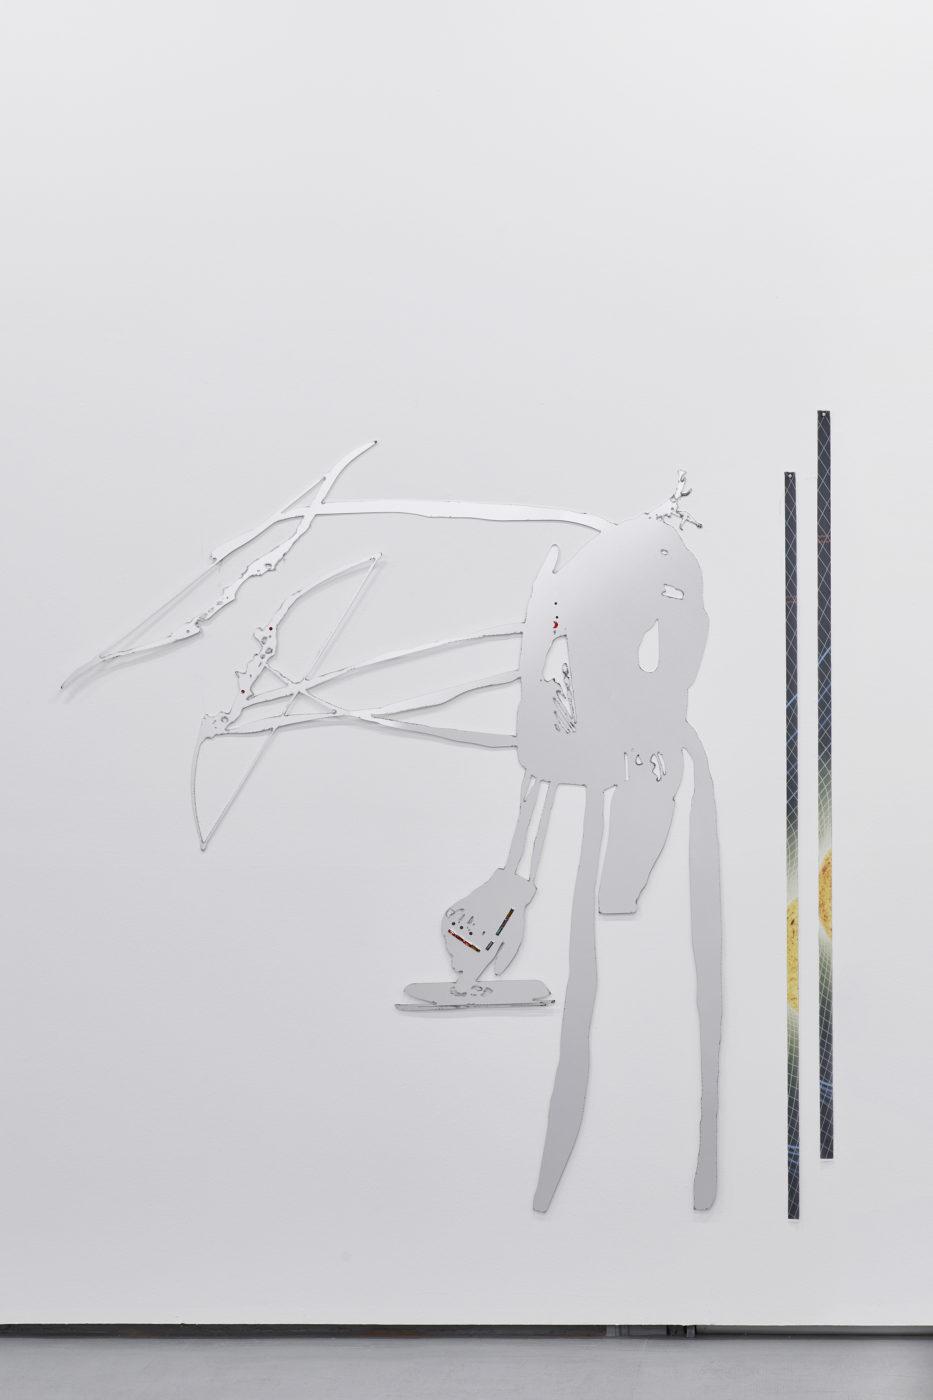 T293 - Lito Kattou - 18